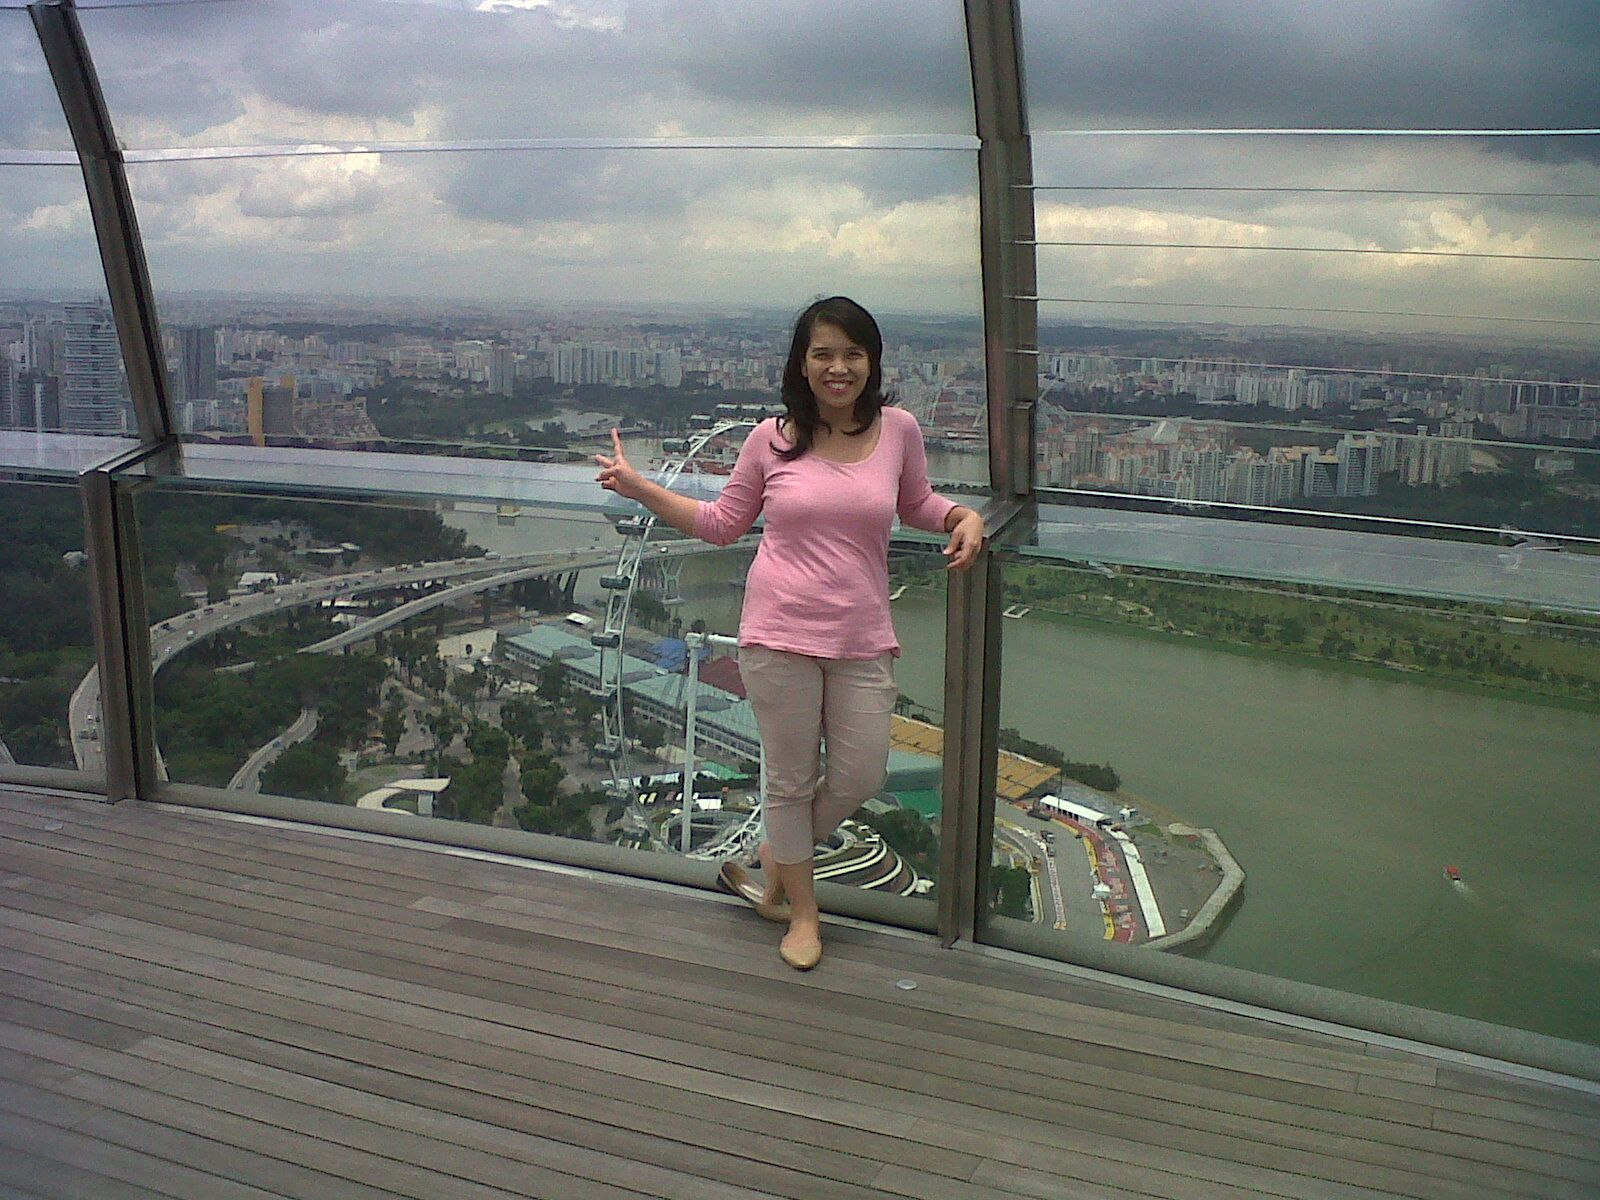 Top of Marina Bay Sands, Singapore